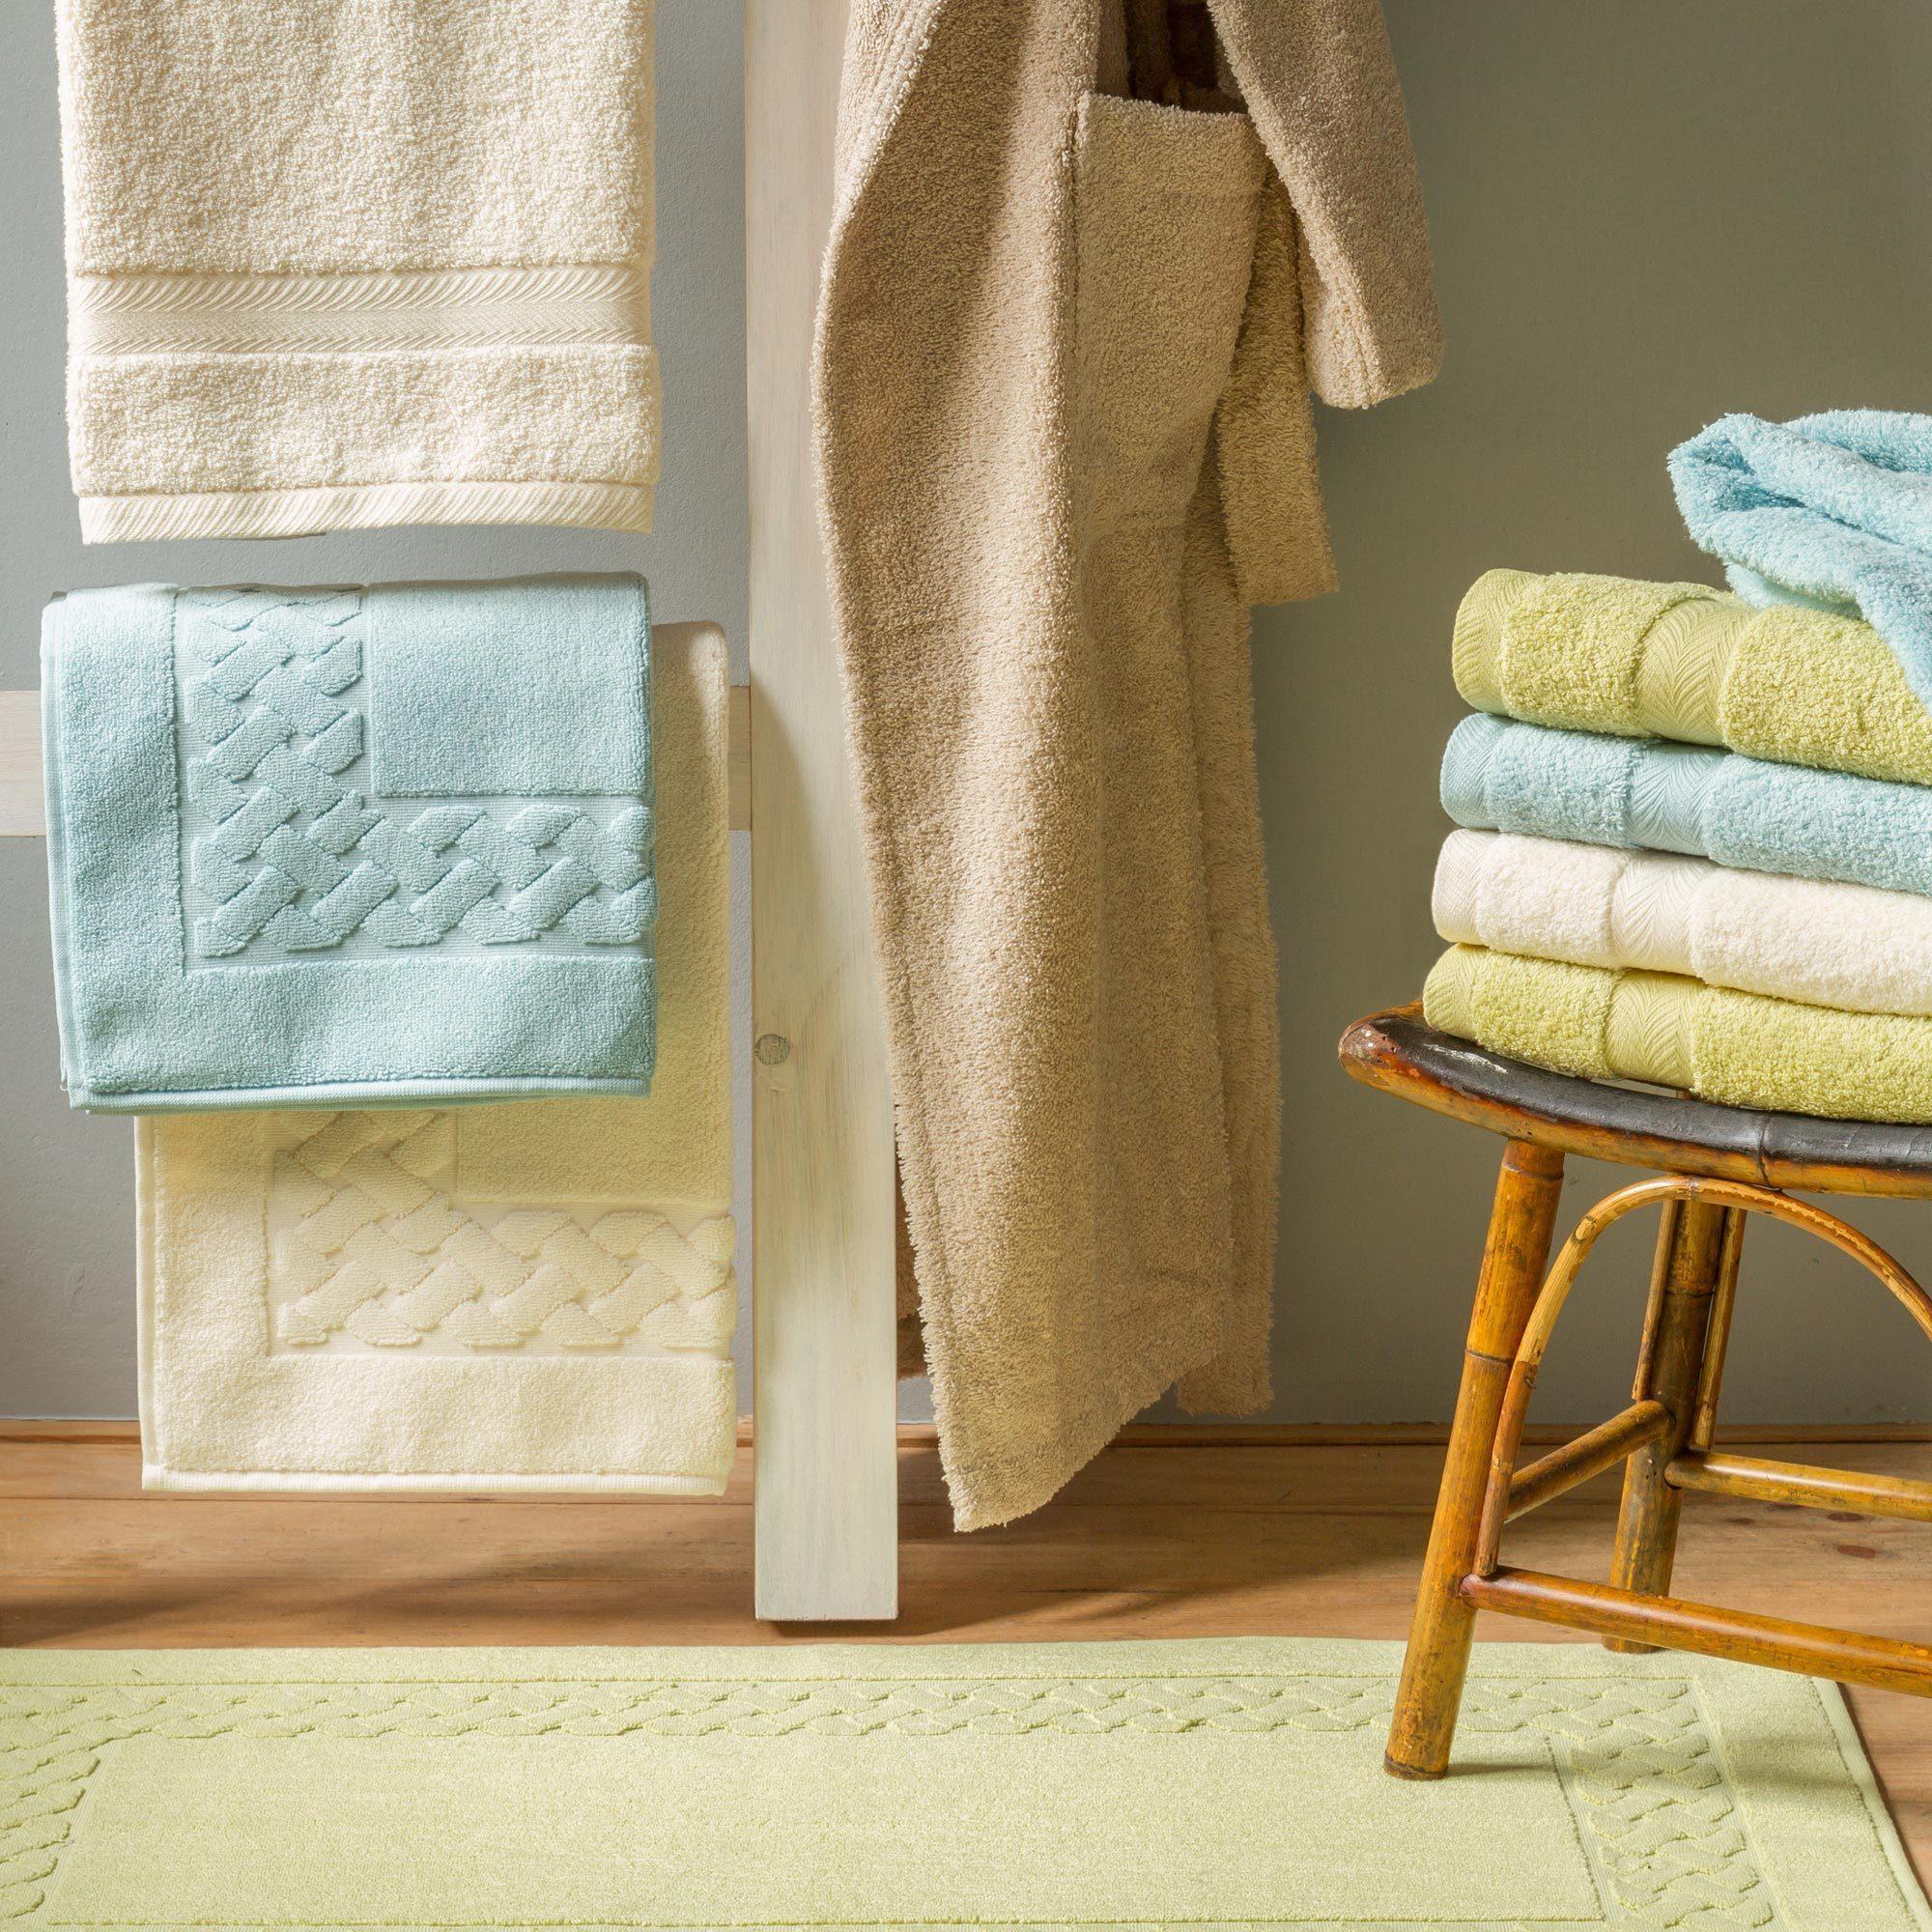 drap de bain 100x150 royal cresent rouge terre cuite 650g m2 ebay. Black Bedroom Furniture Sets. Home Design Ideas